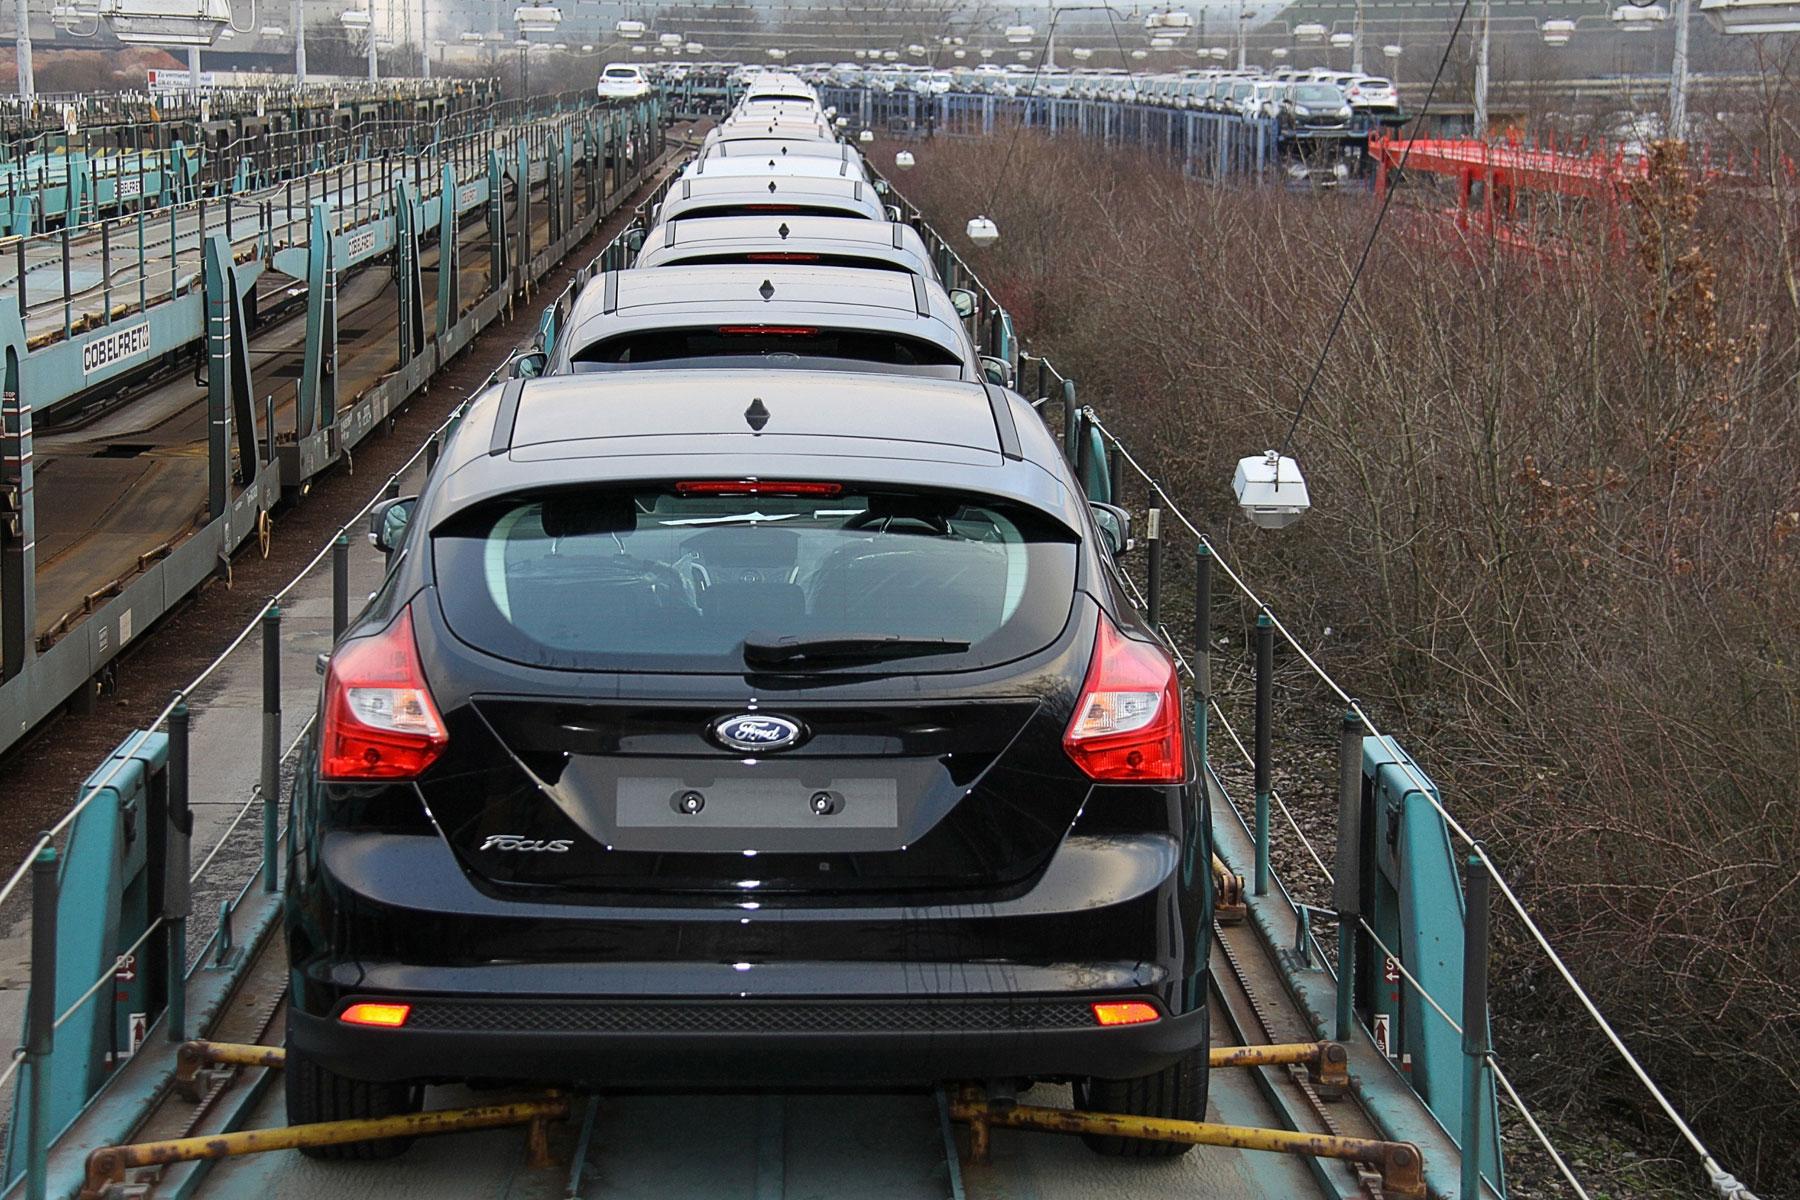 Az adott konszern által eladott összes autónak átlagosan kell 2020-tól benzinből 4,1, gázolajból 3,6 litert fogyasztania 100-on